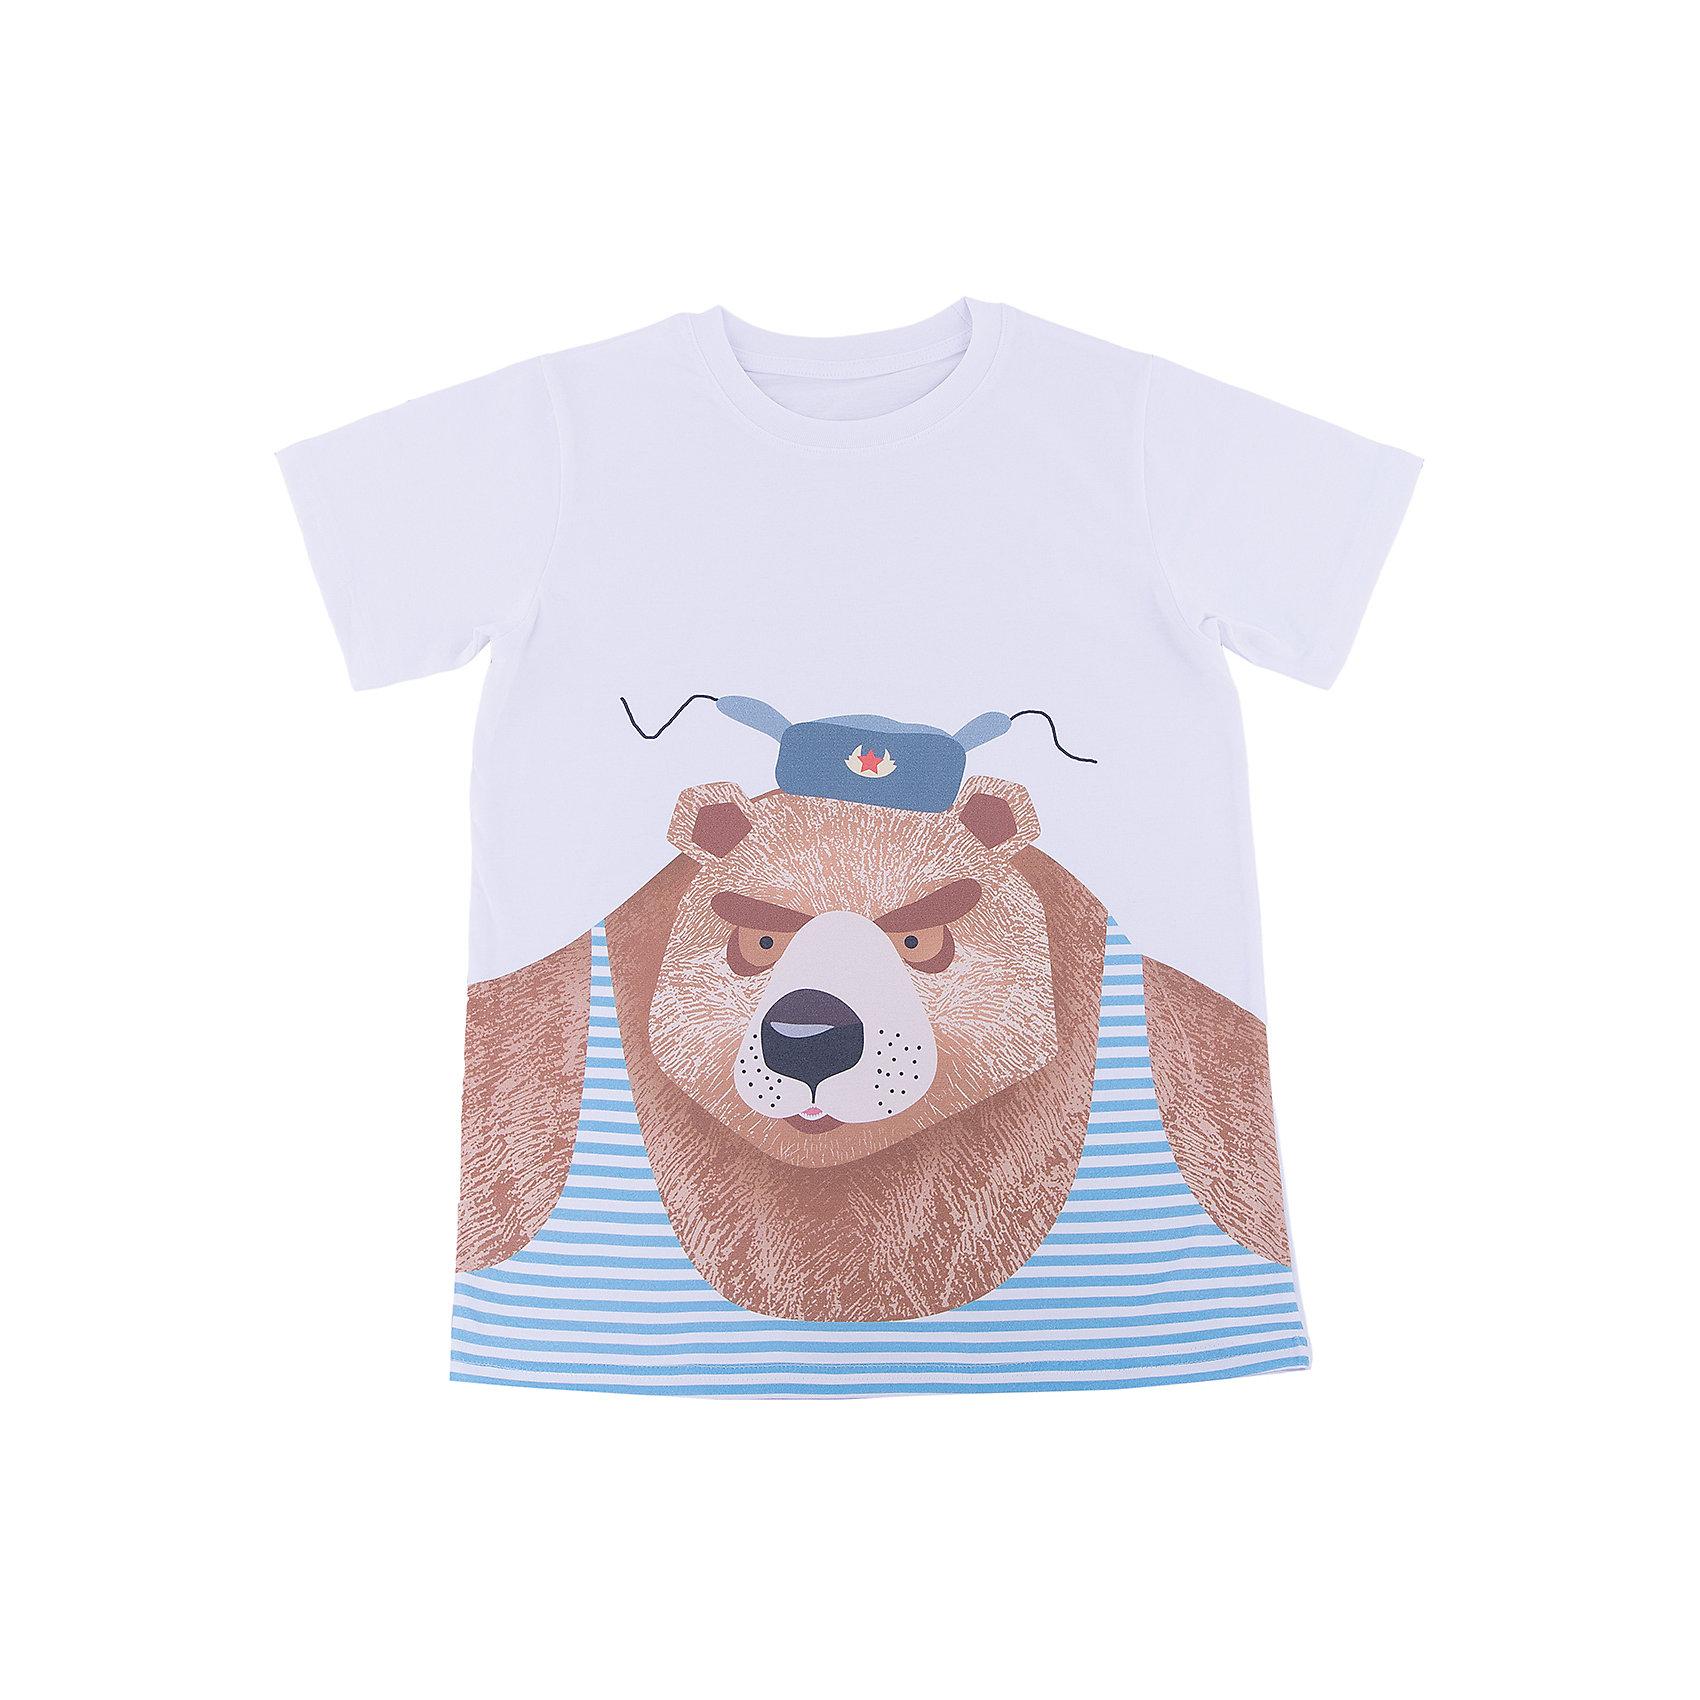 Футболка для мальчика WOWФутболки, поло и топы<br>Футболка для мальчика WOW<br>Незаменимой вещью в  гардеробе послужит футболка с коротким рукавом. Стильная и в тоже время комфортная модель, с яркой оригинальной печатью, будет превосходно смотреться на ребенке.<br>Состав:<br>кулирная гладь 100% хлопок<br><br>Ширина мм: 199<br>Глубина мм: 10<br>Высота мм: 161<br>Вес г: 151<br>Цвет: белый<br>Возраст от месяцев: 156<br>Возраст до месяцев: 168<br>Пол: Мужской<br>Возраст: Детский<br>Размер: 164,128,134,140,146,152,158<br>SKU: 6871654